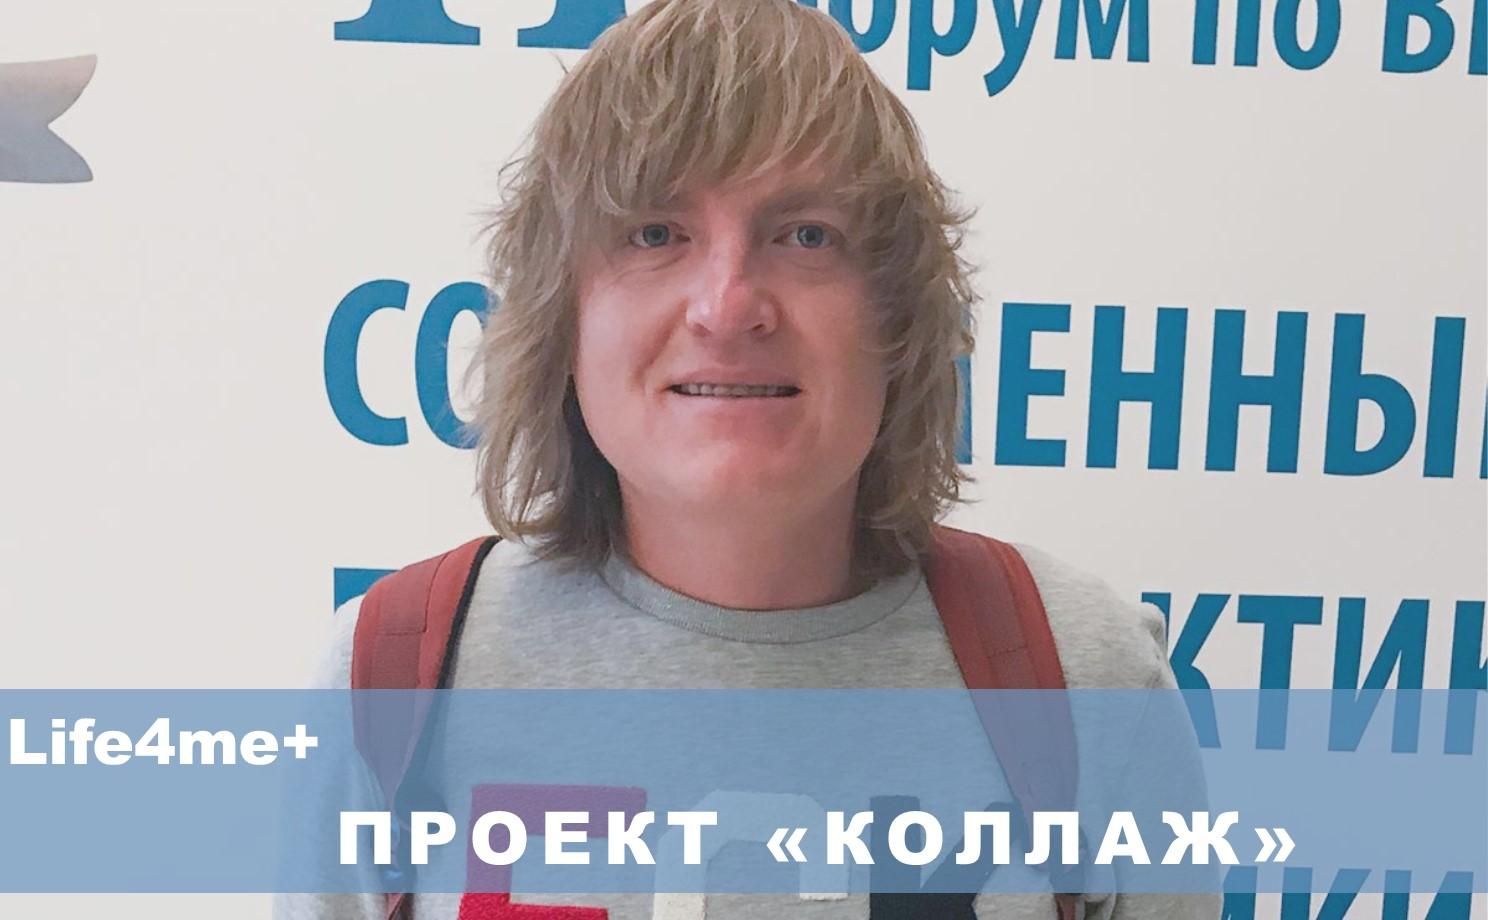 «Коллаж»: равный консультант Евгений, Орел